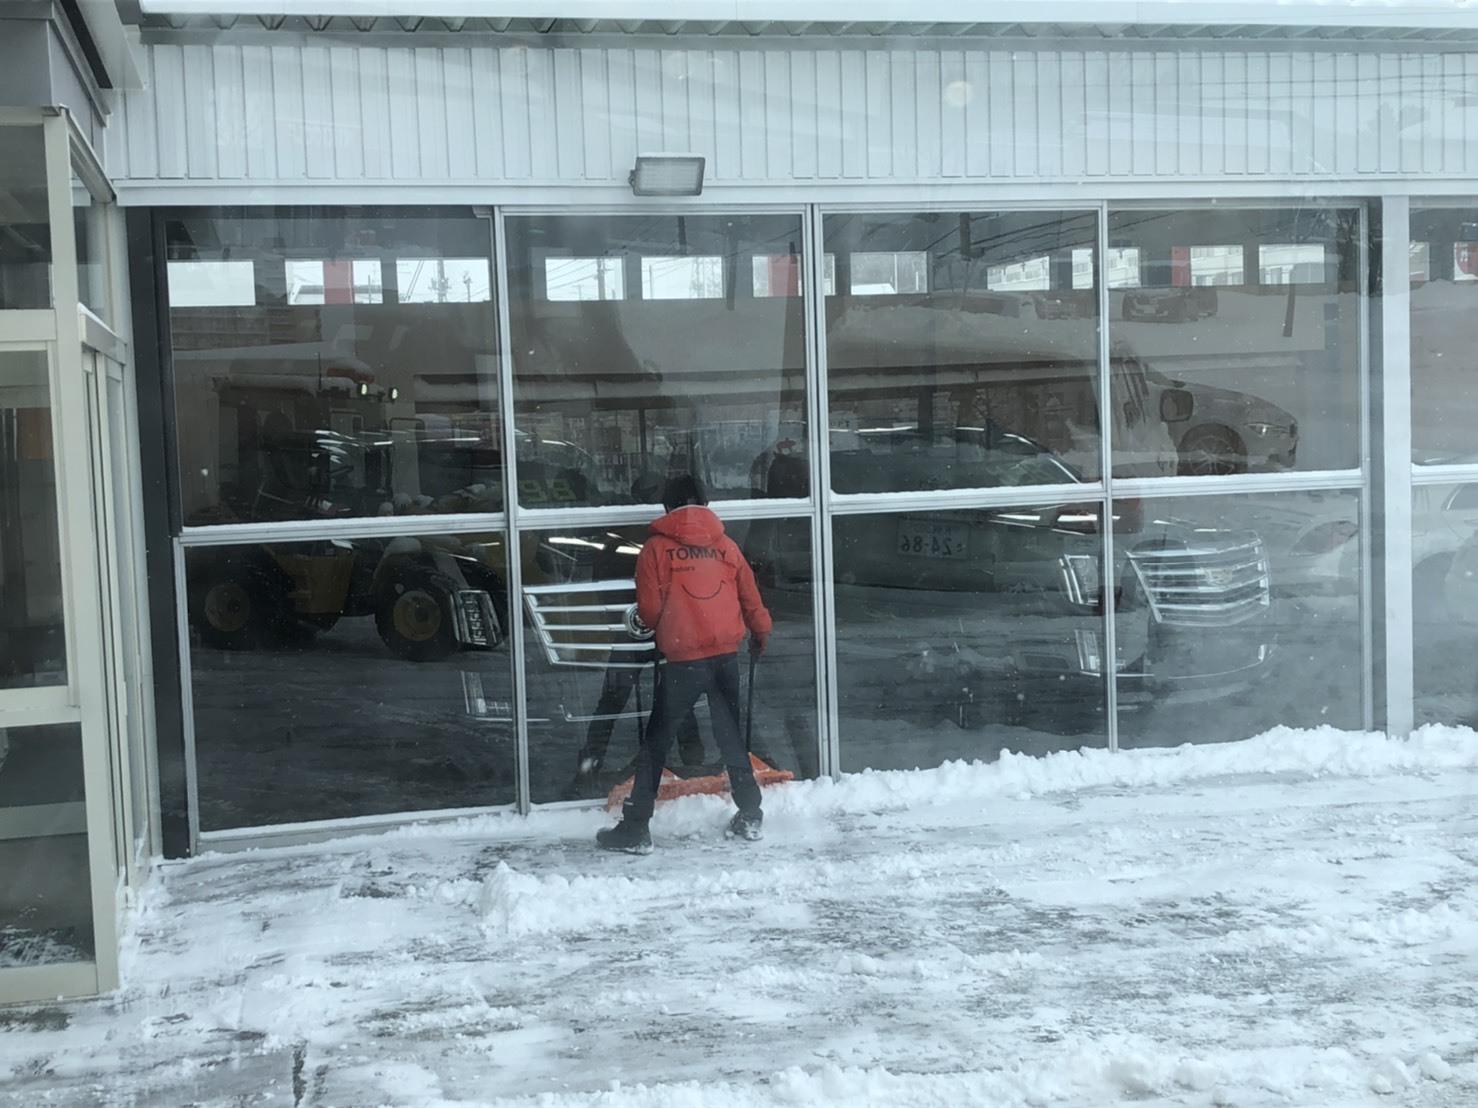 1月25日(日)O様新車タント納車☆エスカレード ゼロデザインあります✊レクサス ランクル ハマー TOMMY_b0127002_18355521.jpg